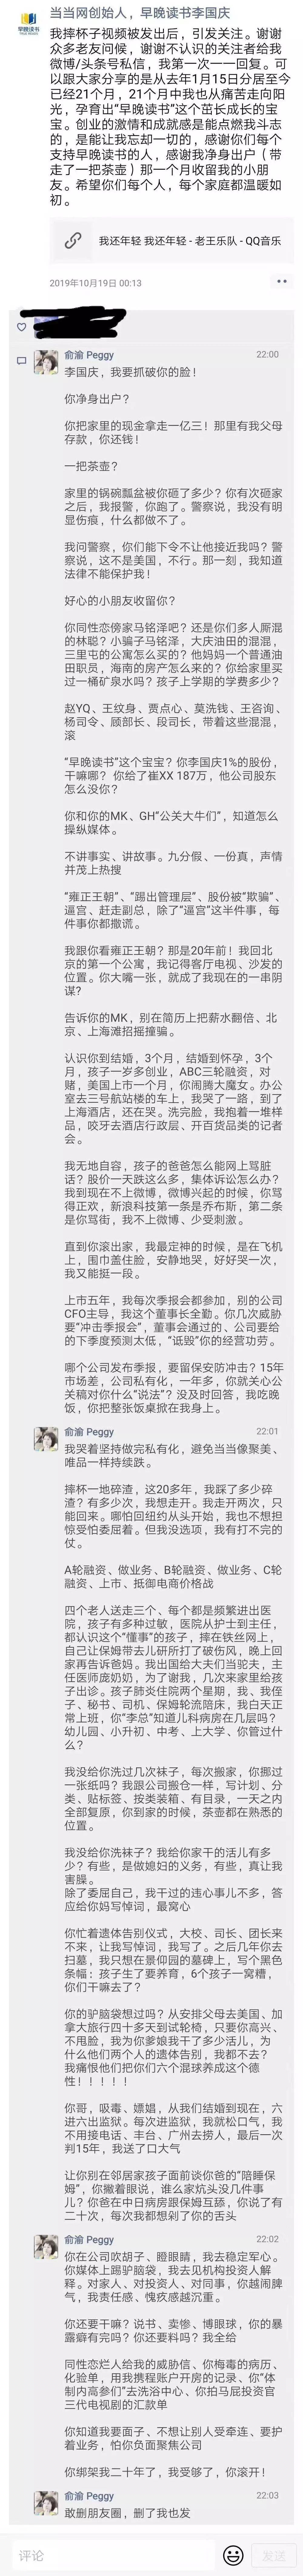 新e彩平台登录|国泰君安(香港):中国机械工程目标价5港元 收集评级